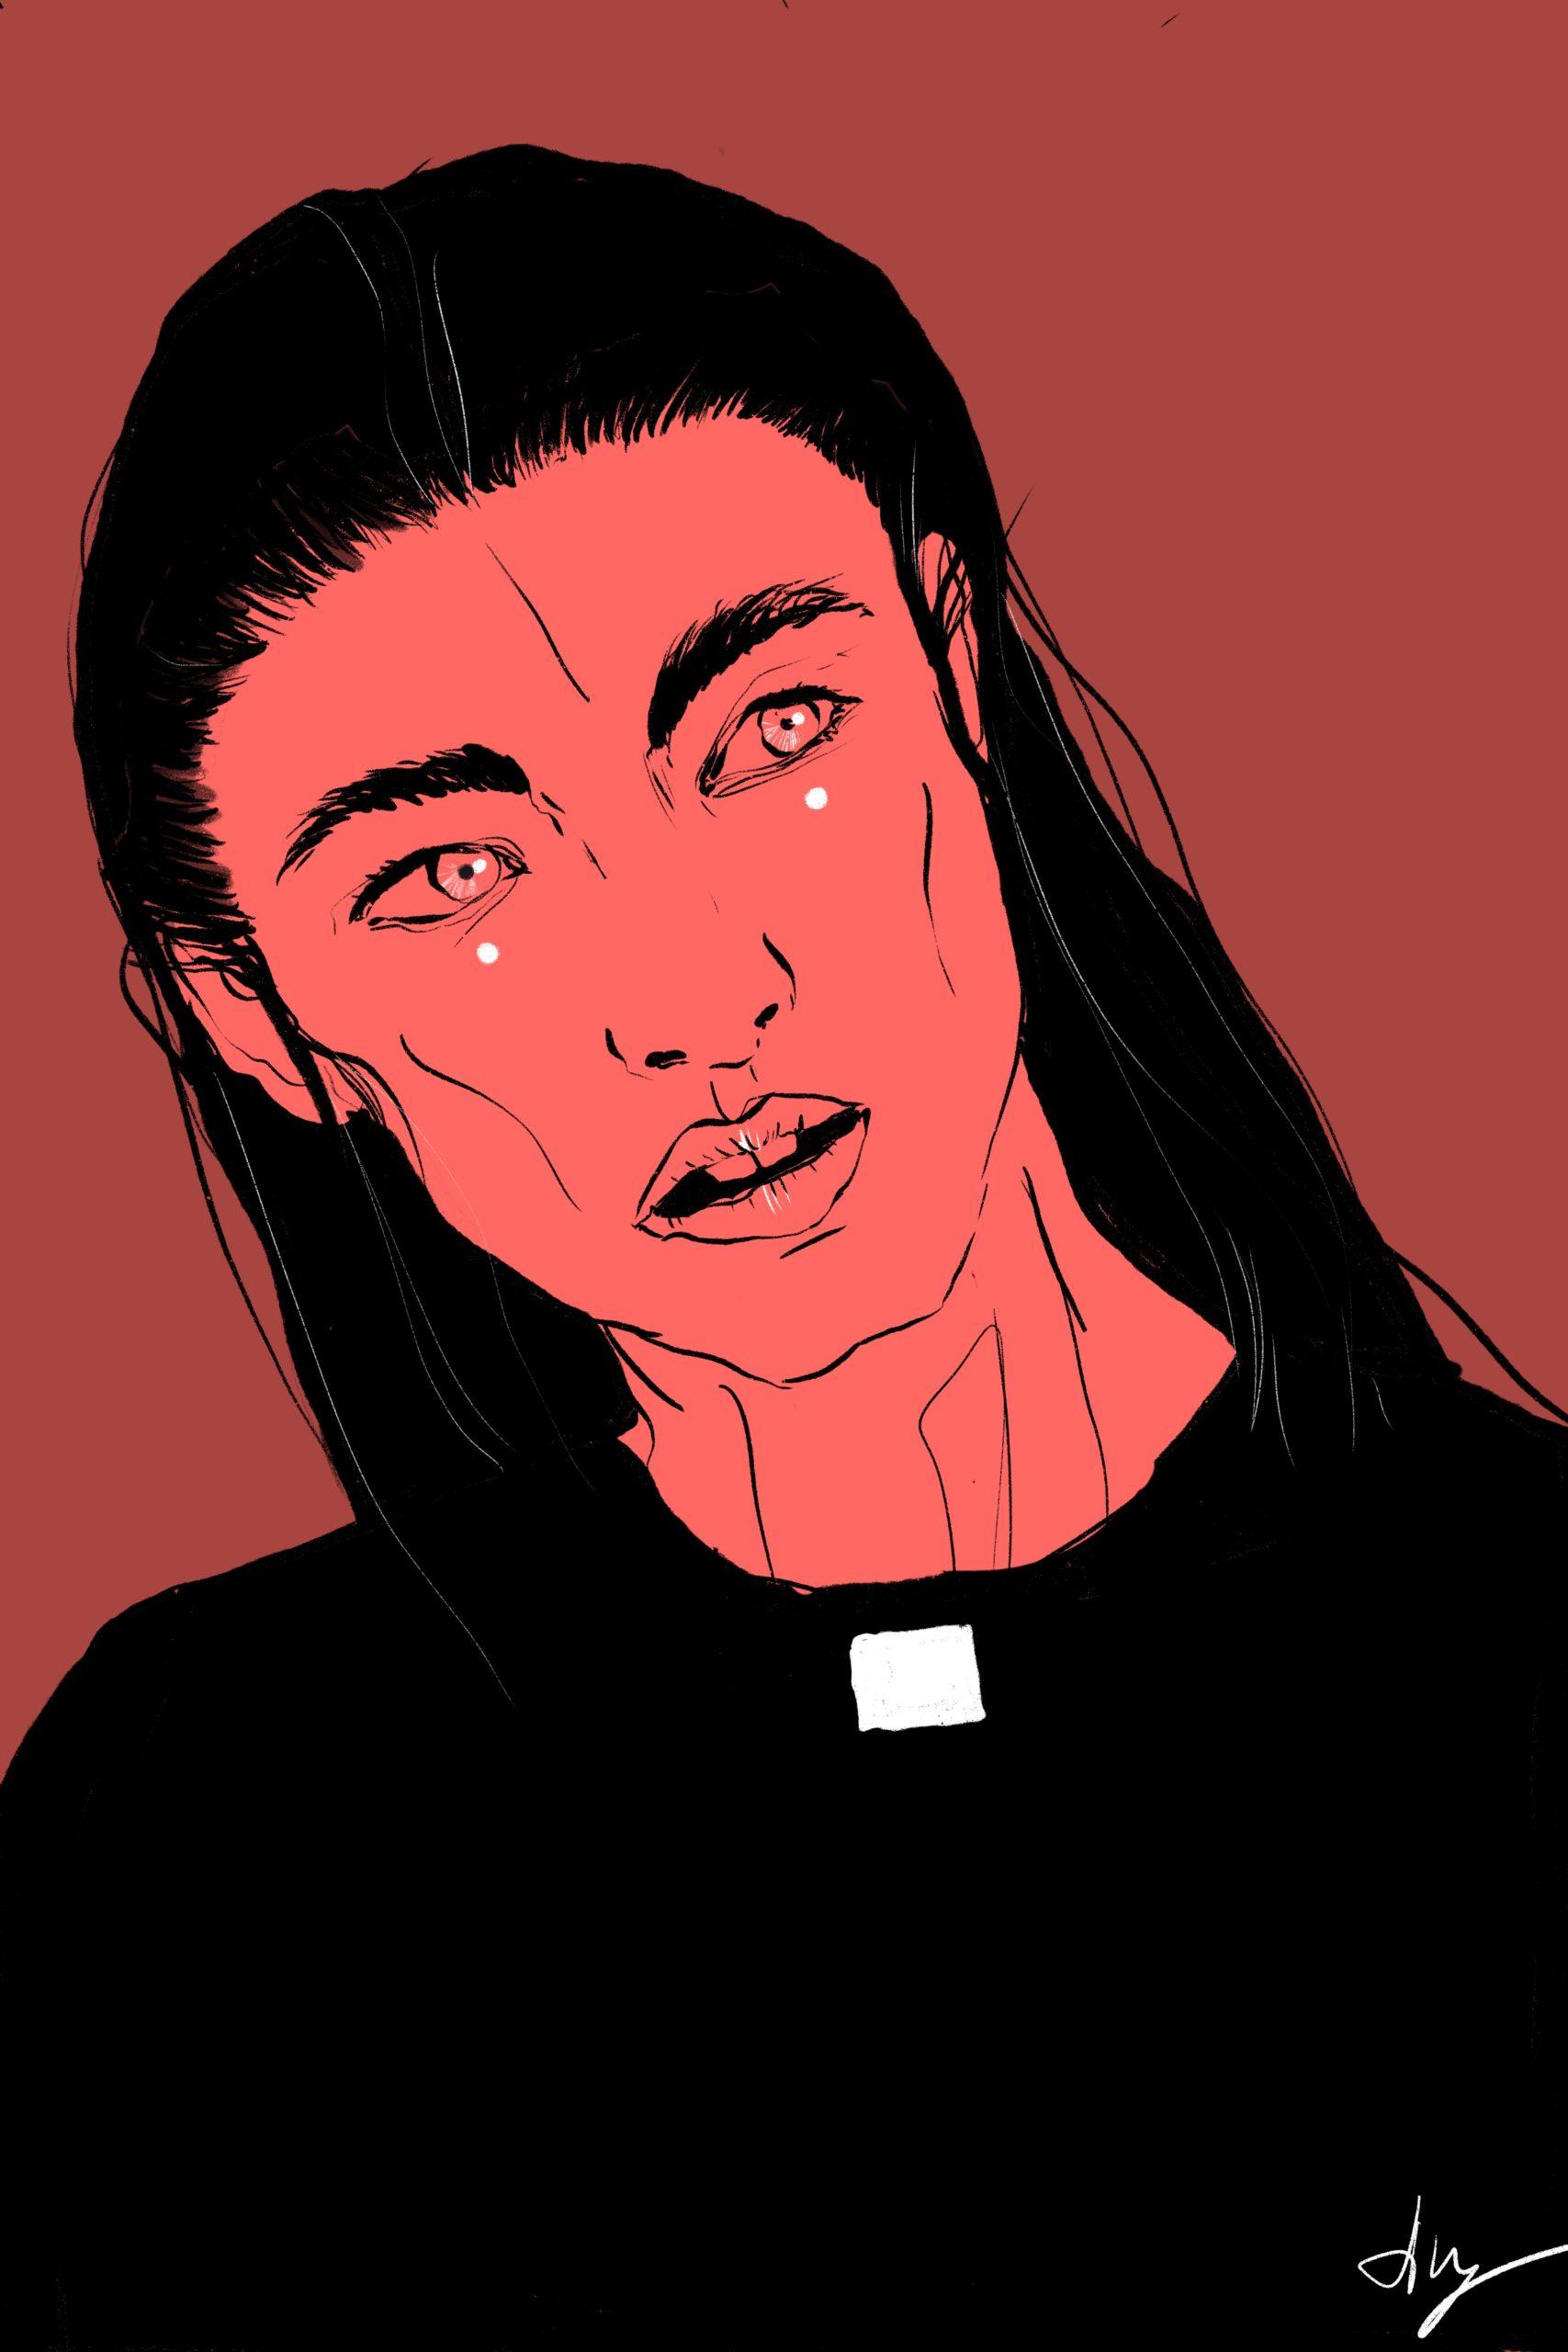 Illustration Priester Priest Man long Hair Dunkelrot Red